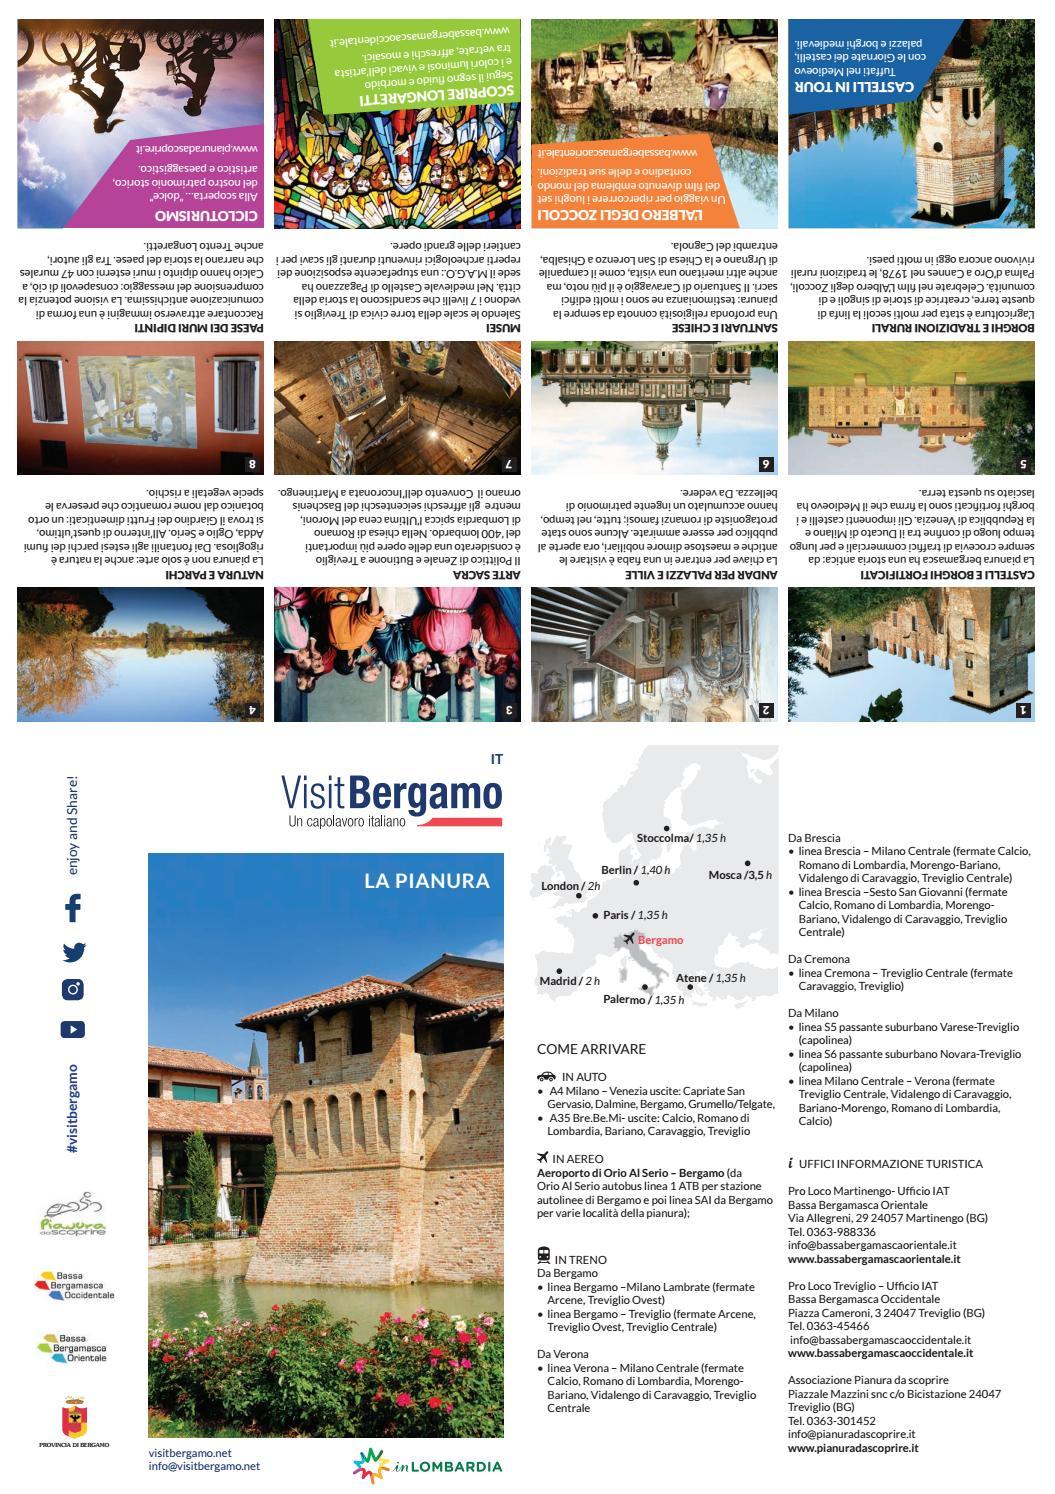 Forma E Colori Treviglio mappa della pianura bergamasca by visit bergamo - issuu